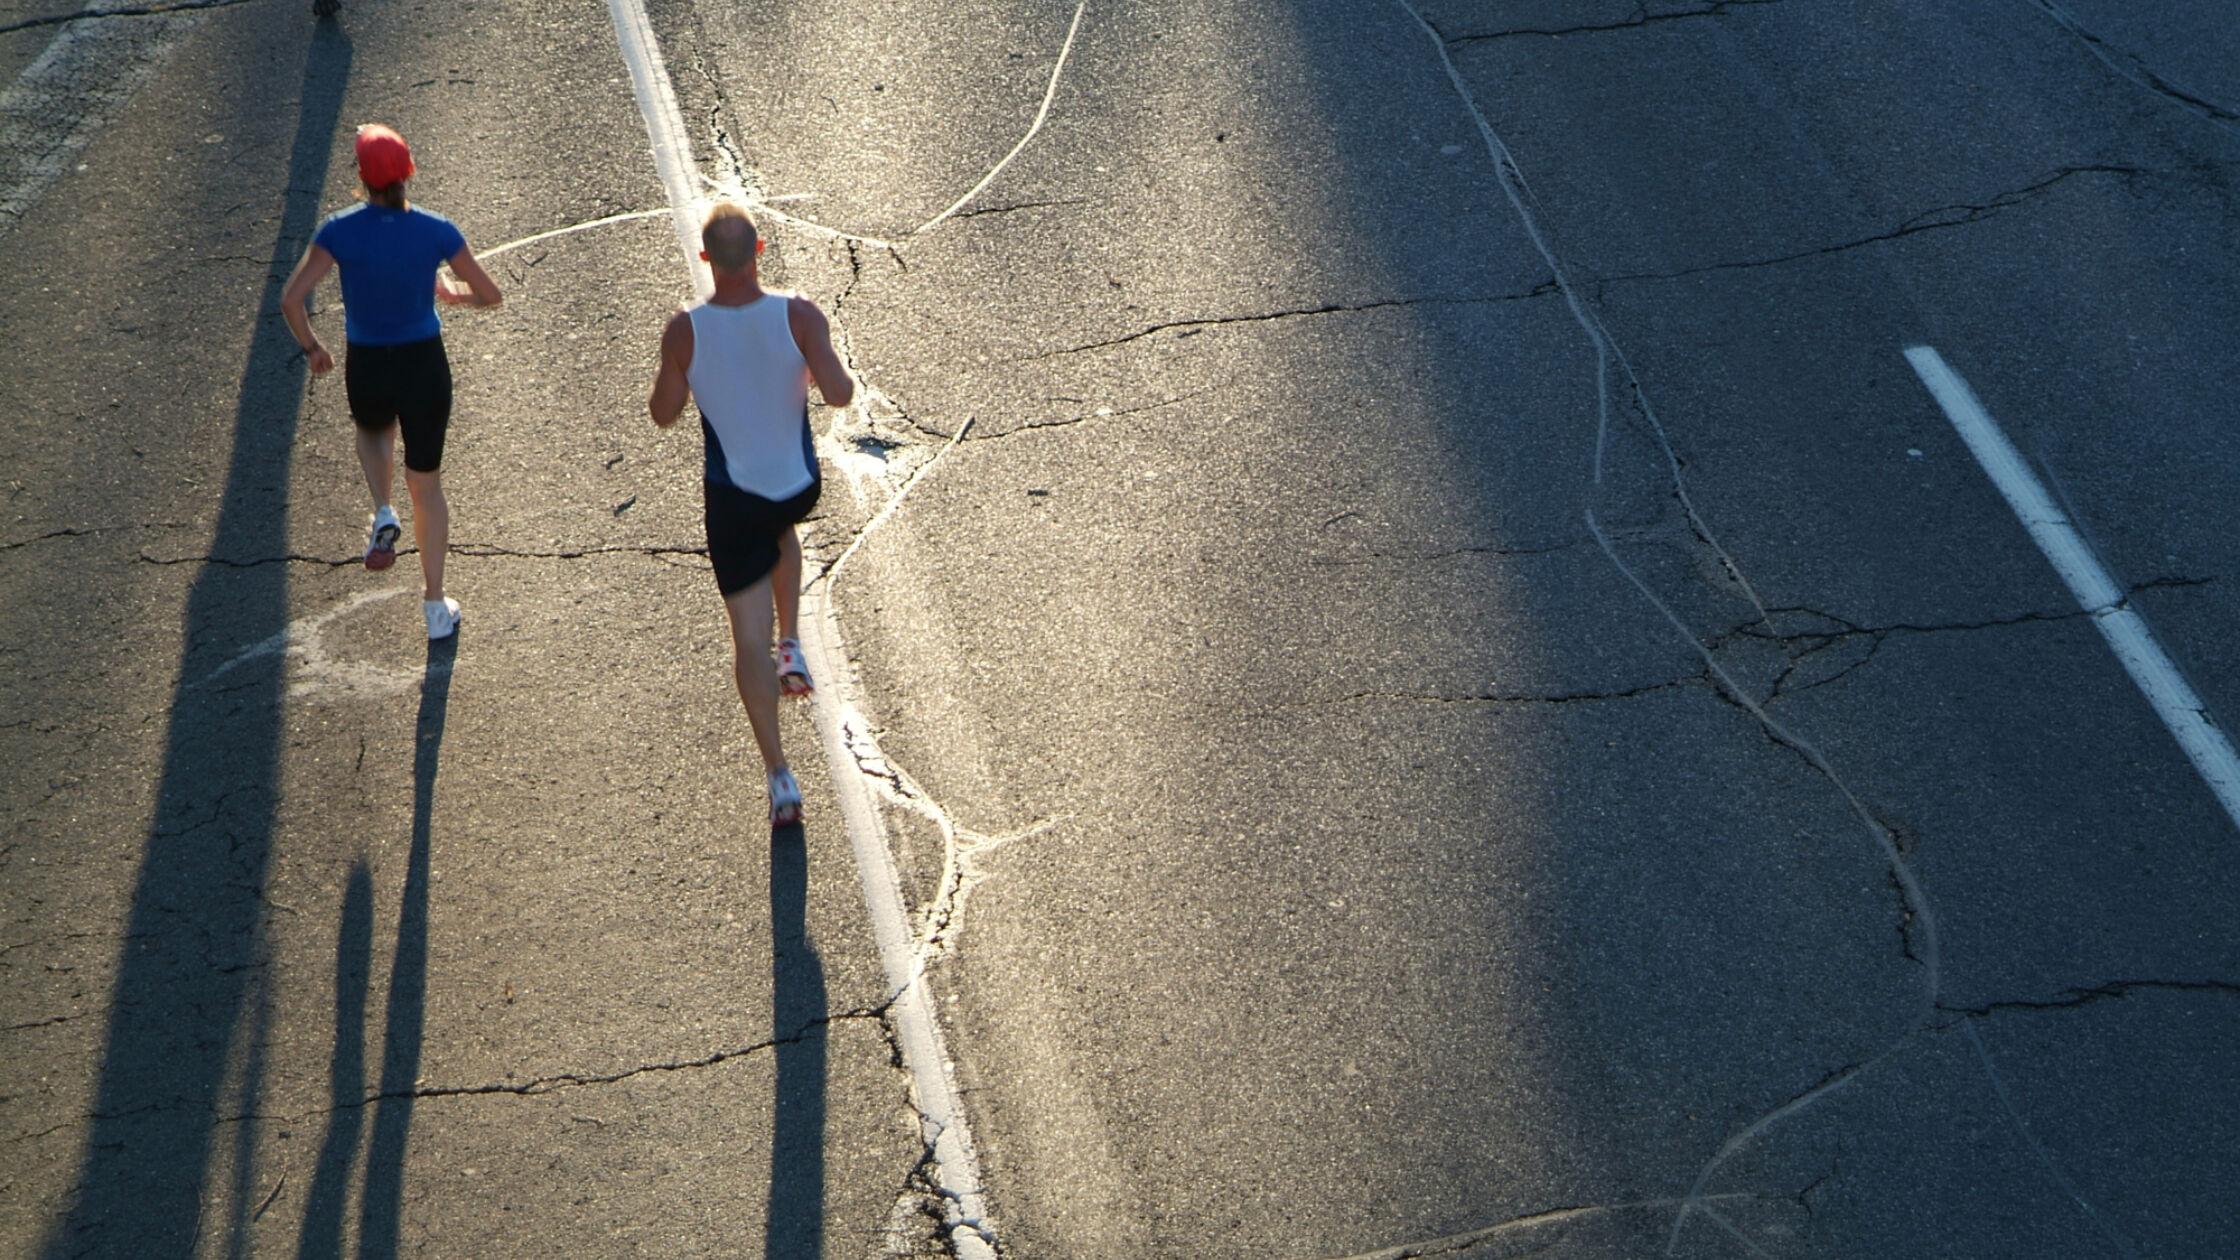 Hardlopend Nederland kiest voor lange afstanden in 2017